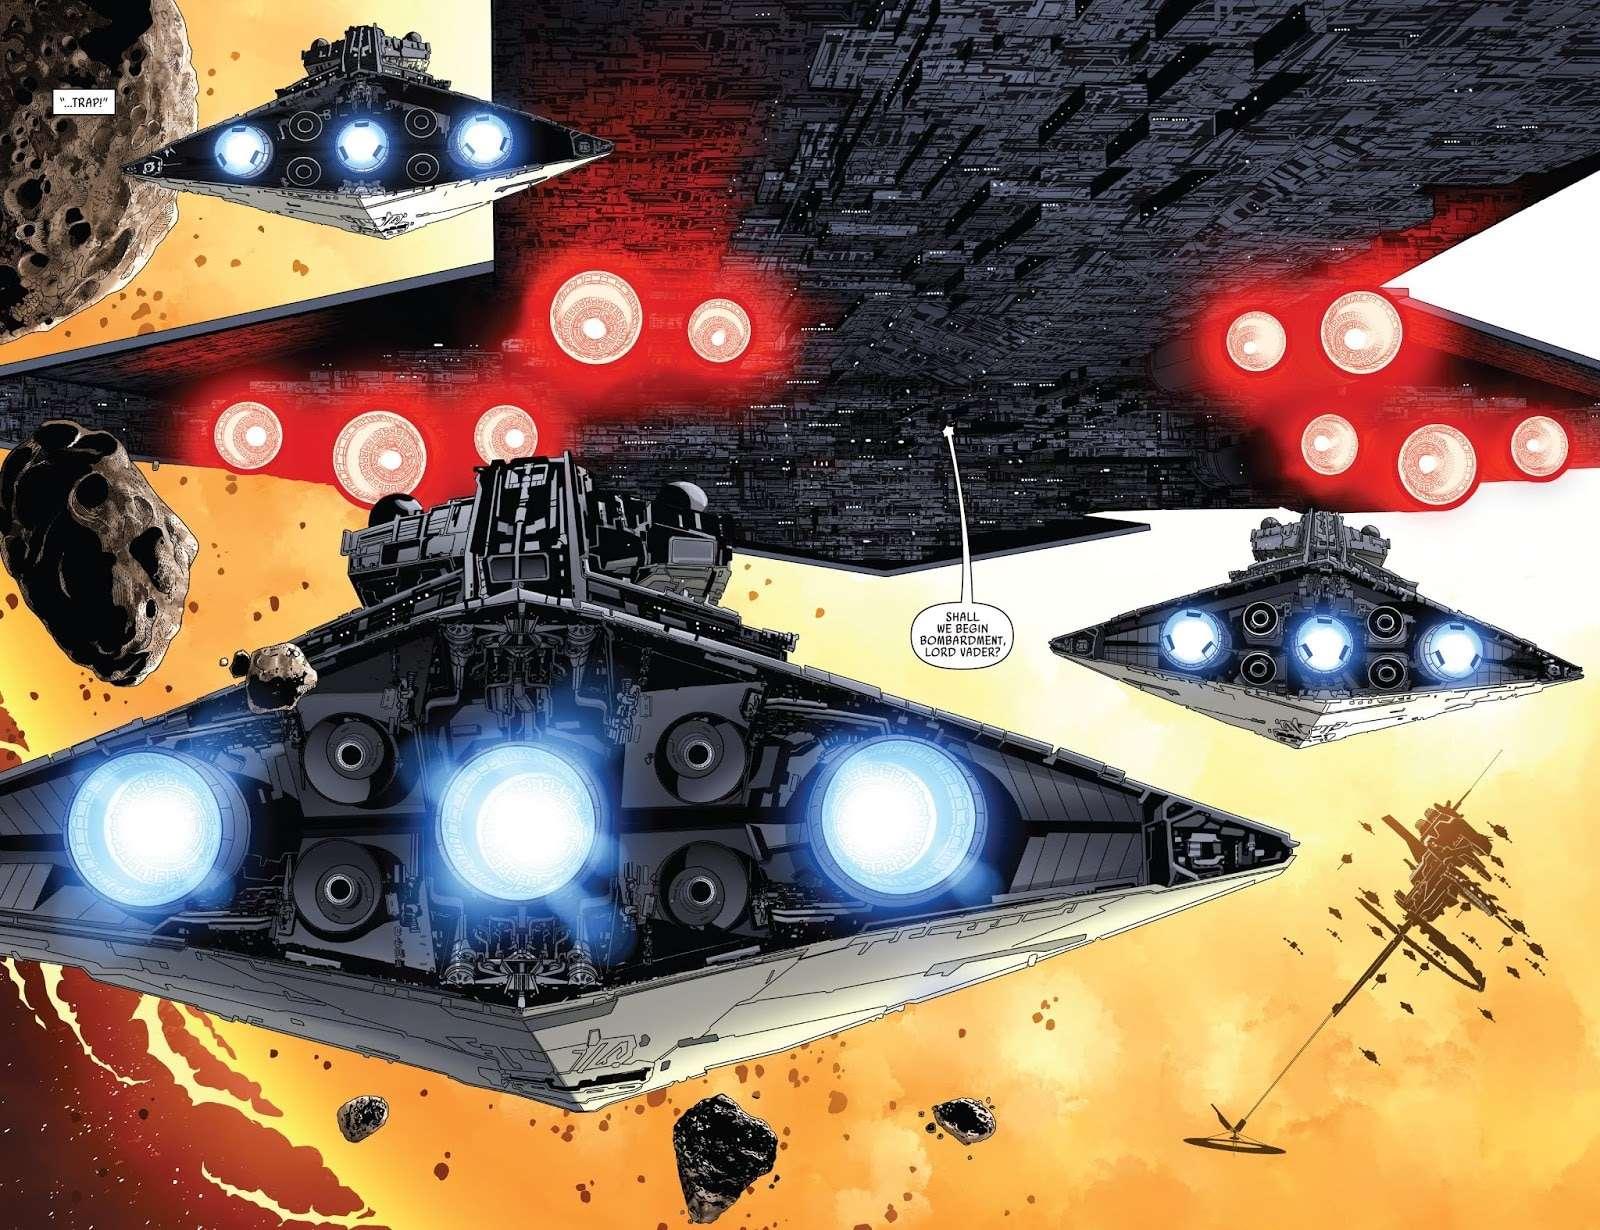 executor super star destroyer darth vader, Il primo super star destroyer: l'Executor, la corazzata personale di Darth Vader – Guida al Canon, Star Wars Addicted